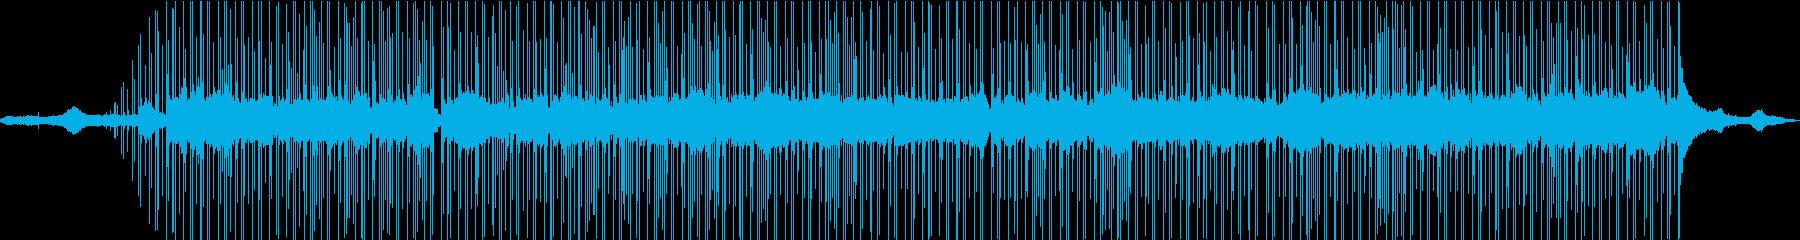 穏やかで、少し憂鬱。波の音。の再生済みの波形